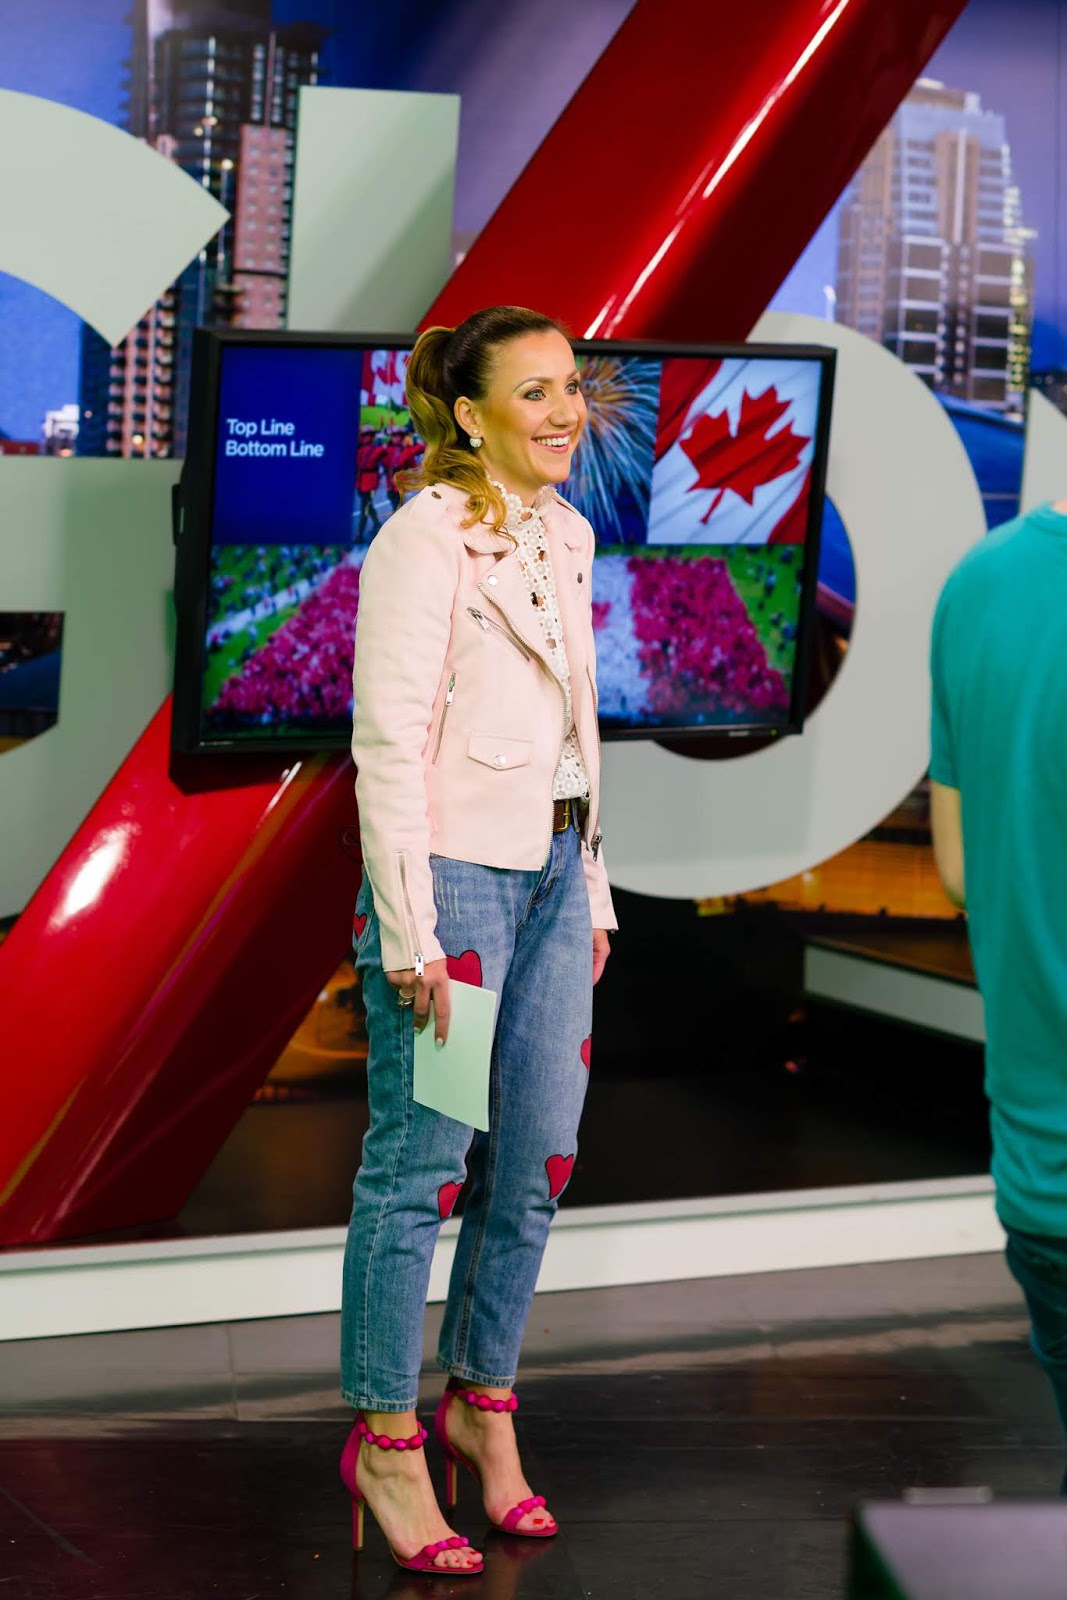 Ania Basak Calgary Blogger Fashion Stylist Image